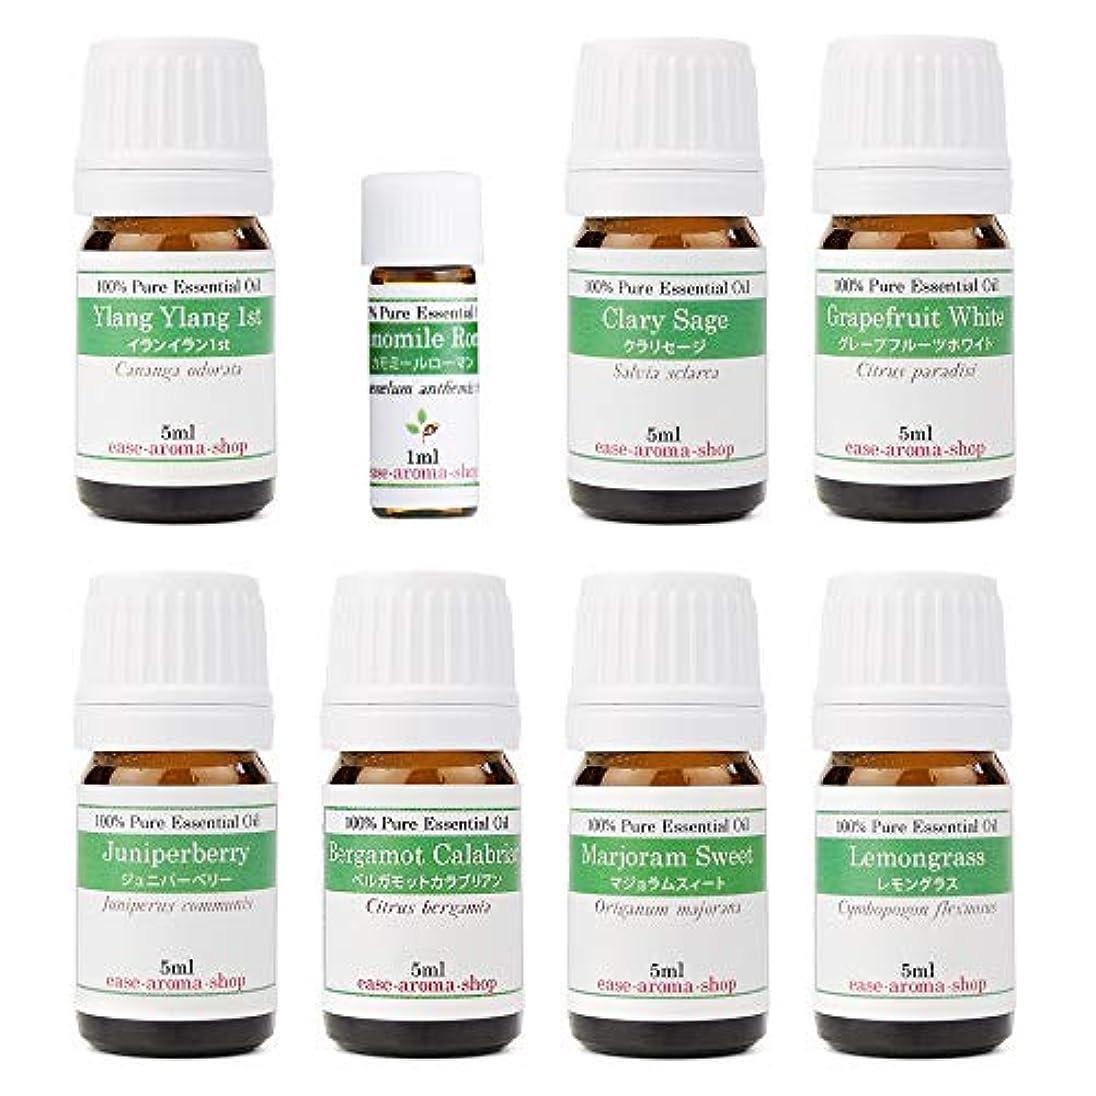 罹患率スーパーマーケット第二に【2019年改訂版】ease AEAJアロマテラピー検定香りテスト対象精油セット 揃えておきたい基本の精油 1級 8本セット各5ml